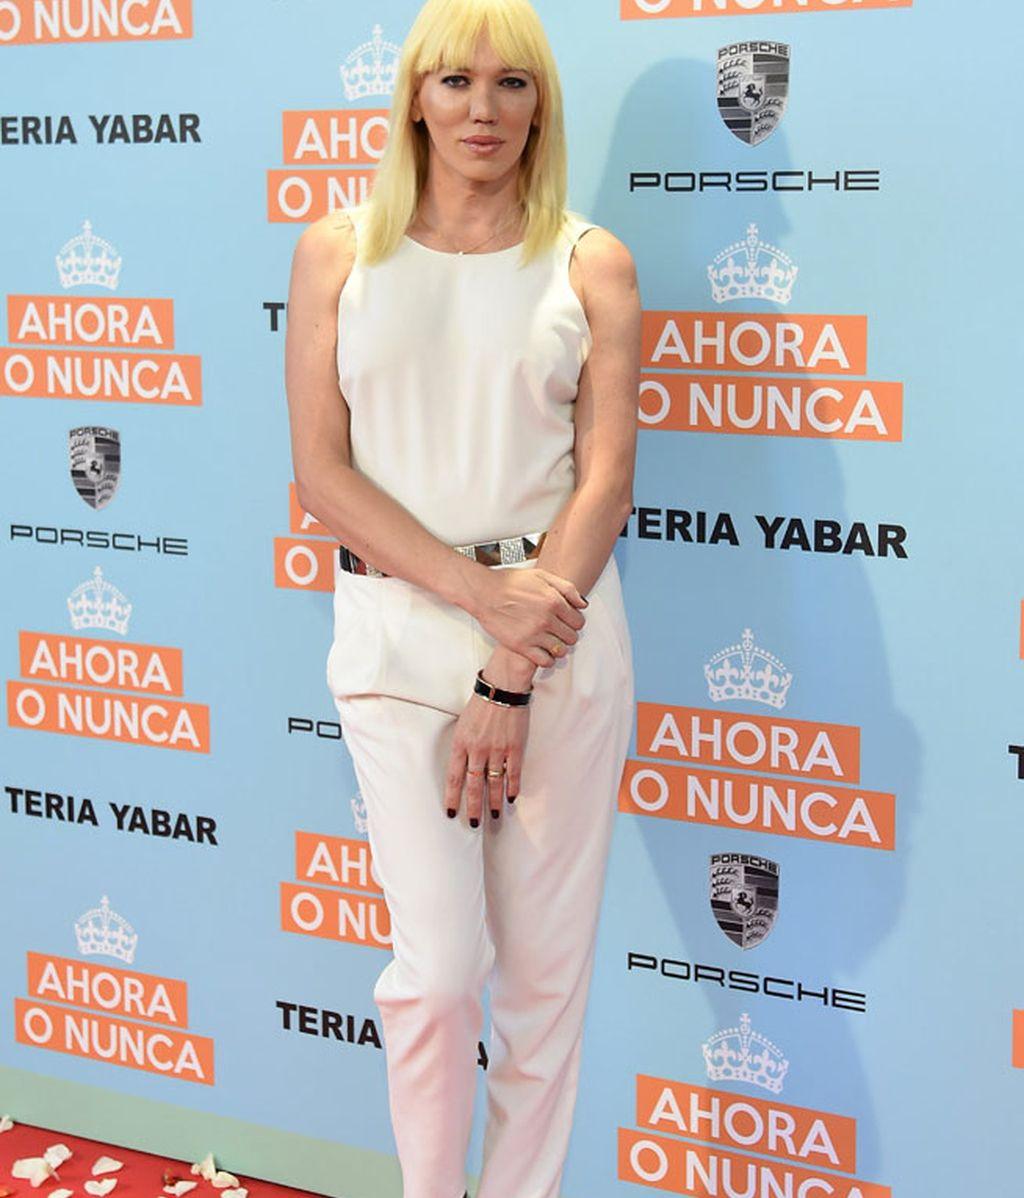 Noticias sobre María Valverde - Divinity.es